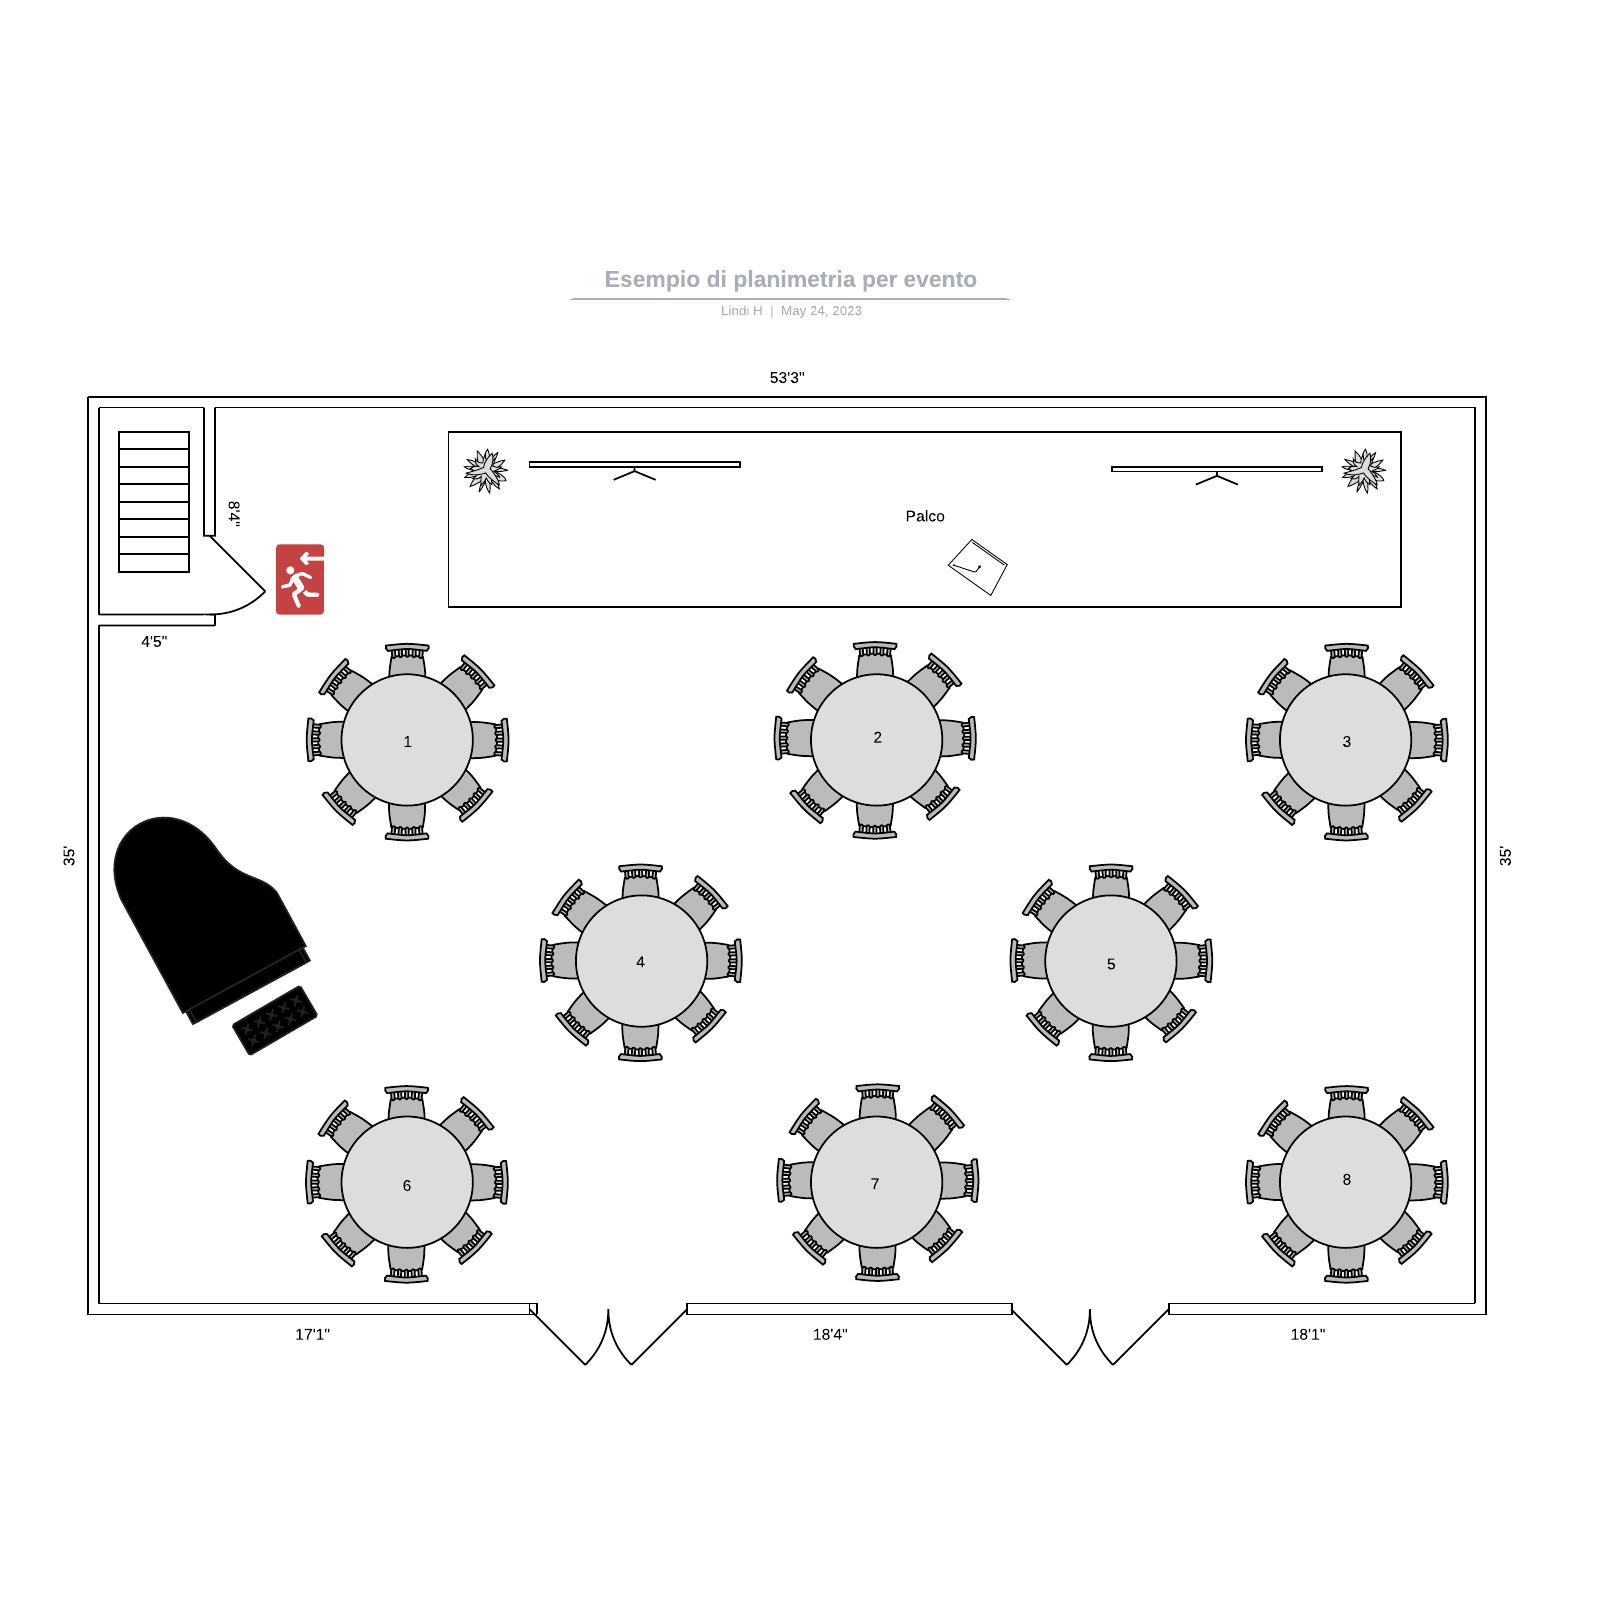 Esempio di planimetria per evento